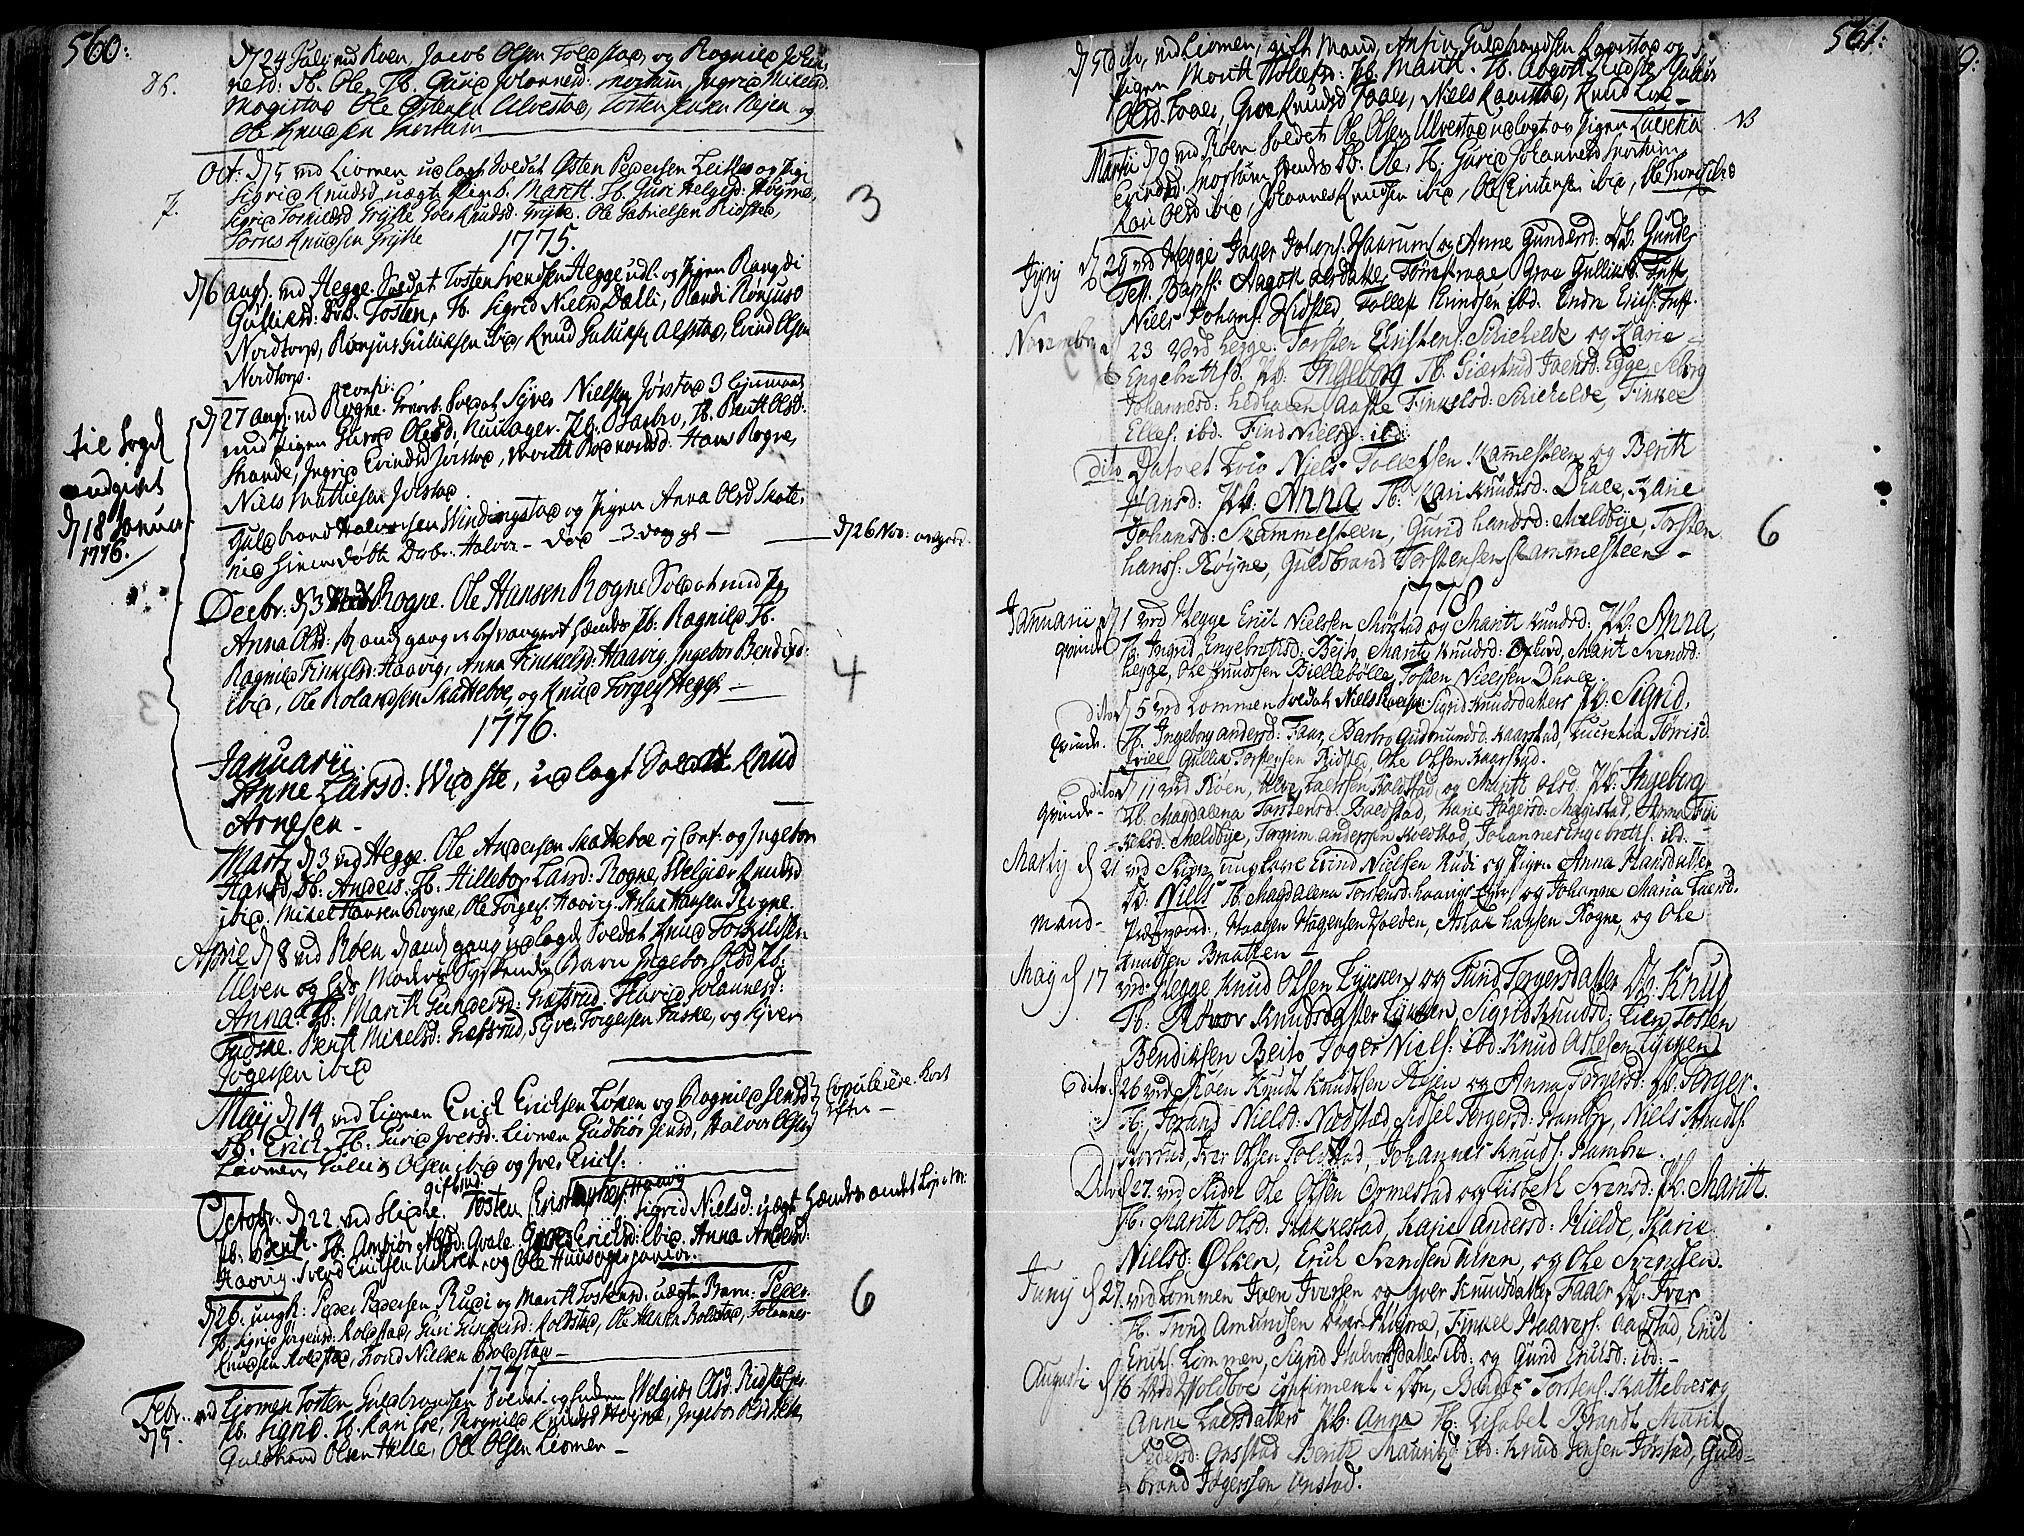 SAH, Slidre prestekontor, Ministerialbok nr. 1, 1724-1814, s. 560-561